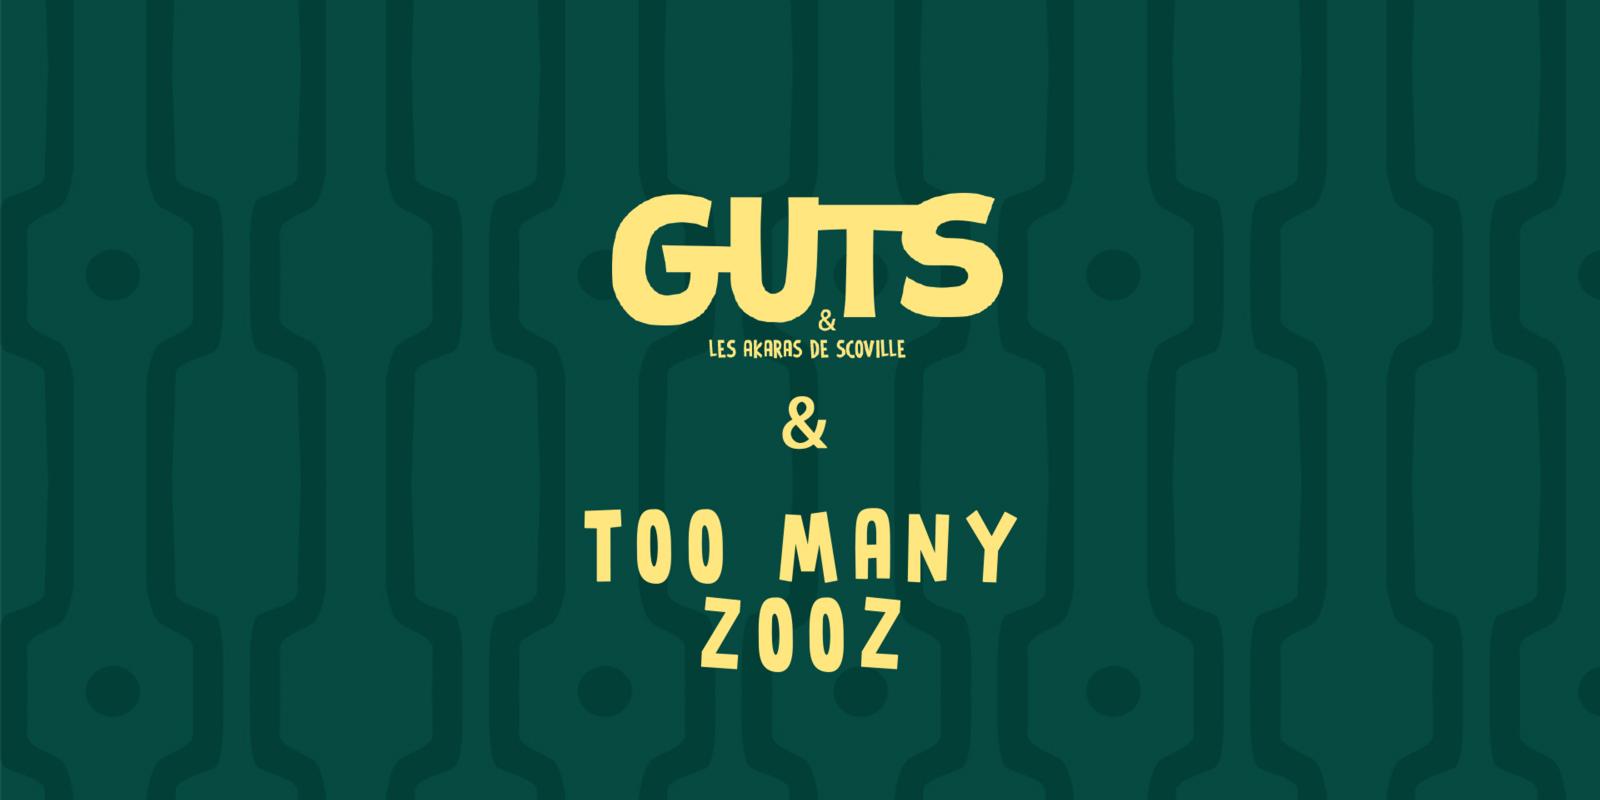 Guts & Too Many Zooz